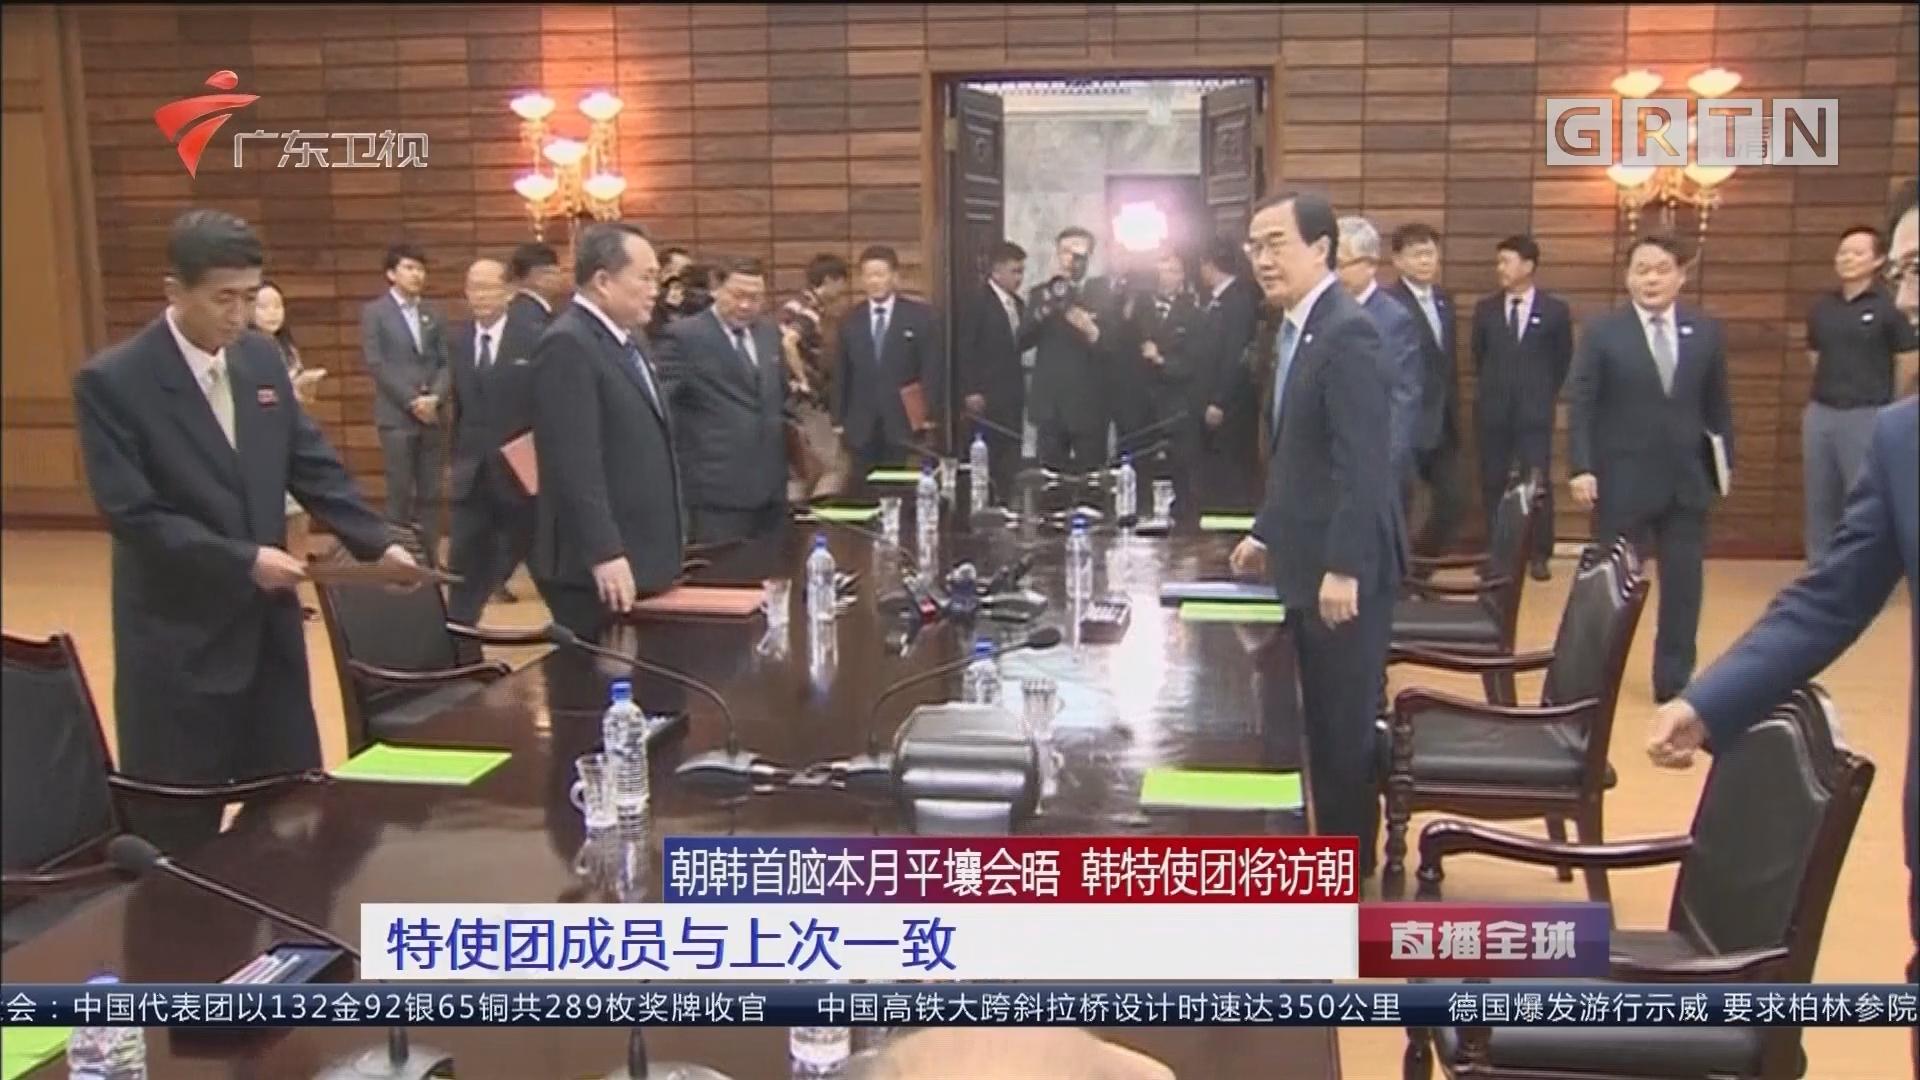 朝韩首脑本月平壤会晤 韩特使团将访朝 特使团成员与上次一致